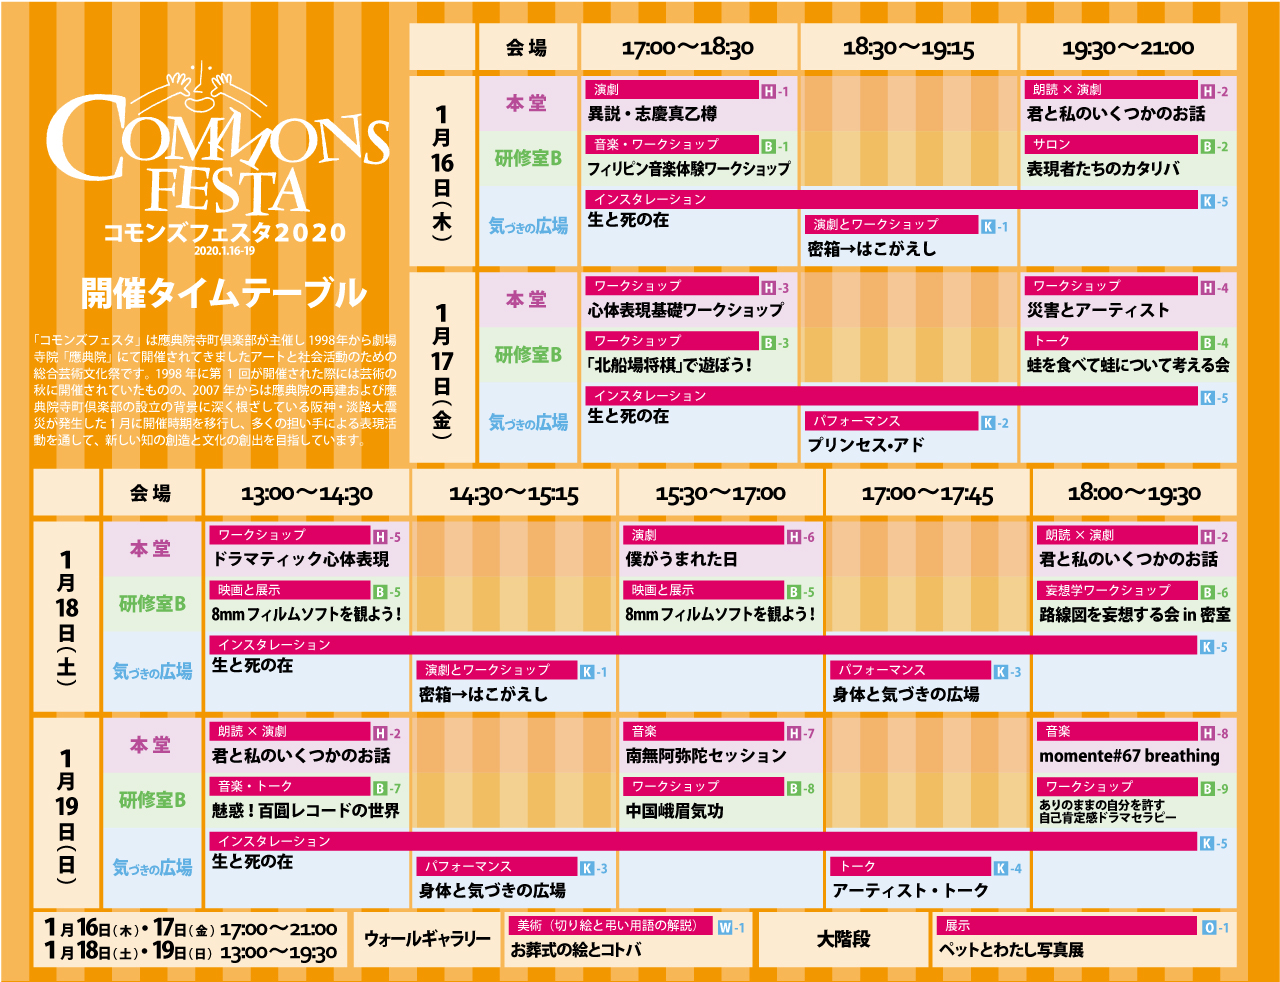 應典院寺町倶楽部の総合芸術文化祭「コモンズフェスタ2020」テーマは「リ・エンター・コモンズ」